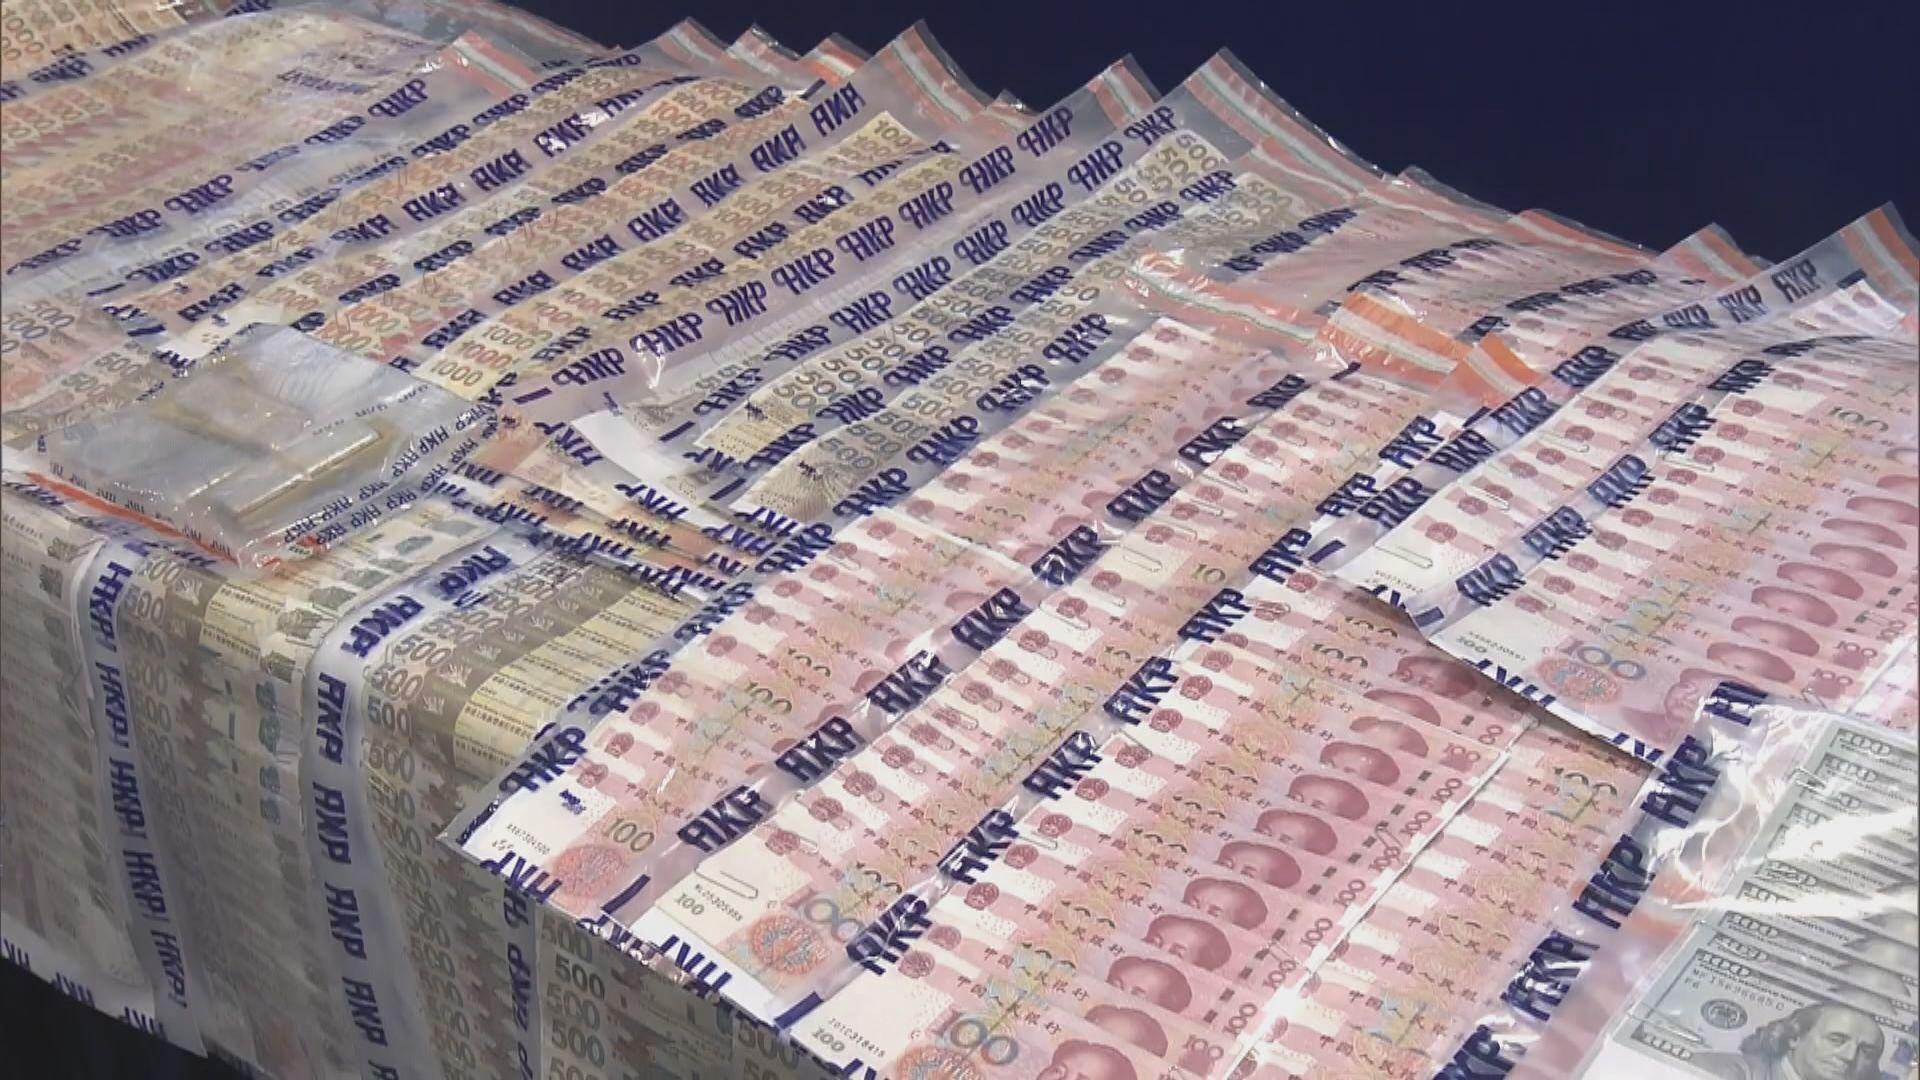 警破2億元倫敦金騙案拘7人 涉內地中介尋找目標